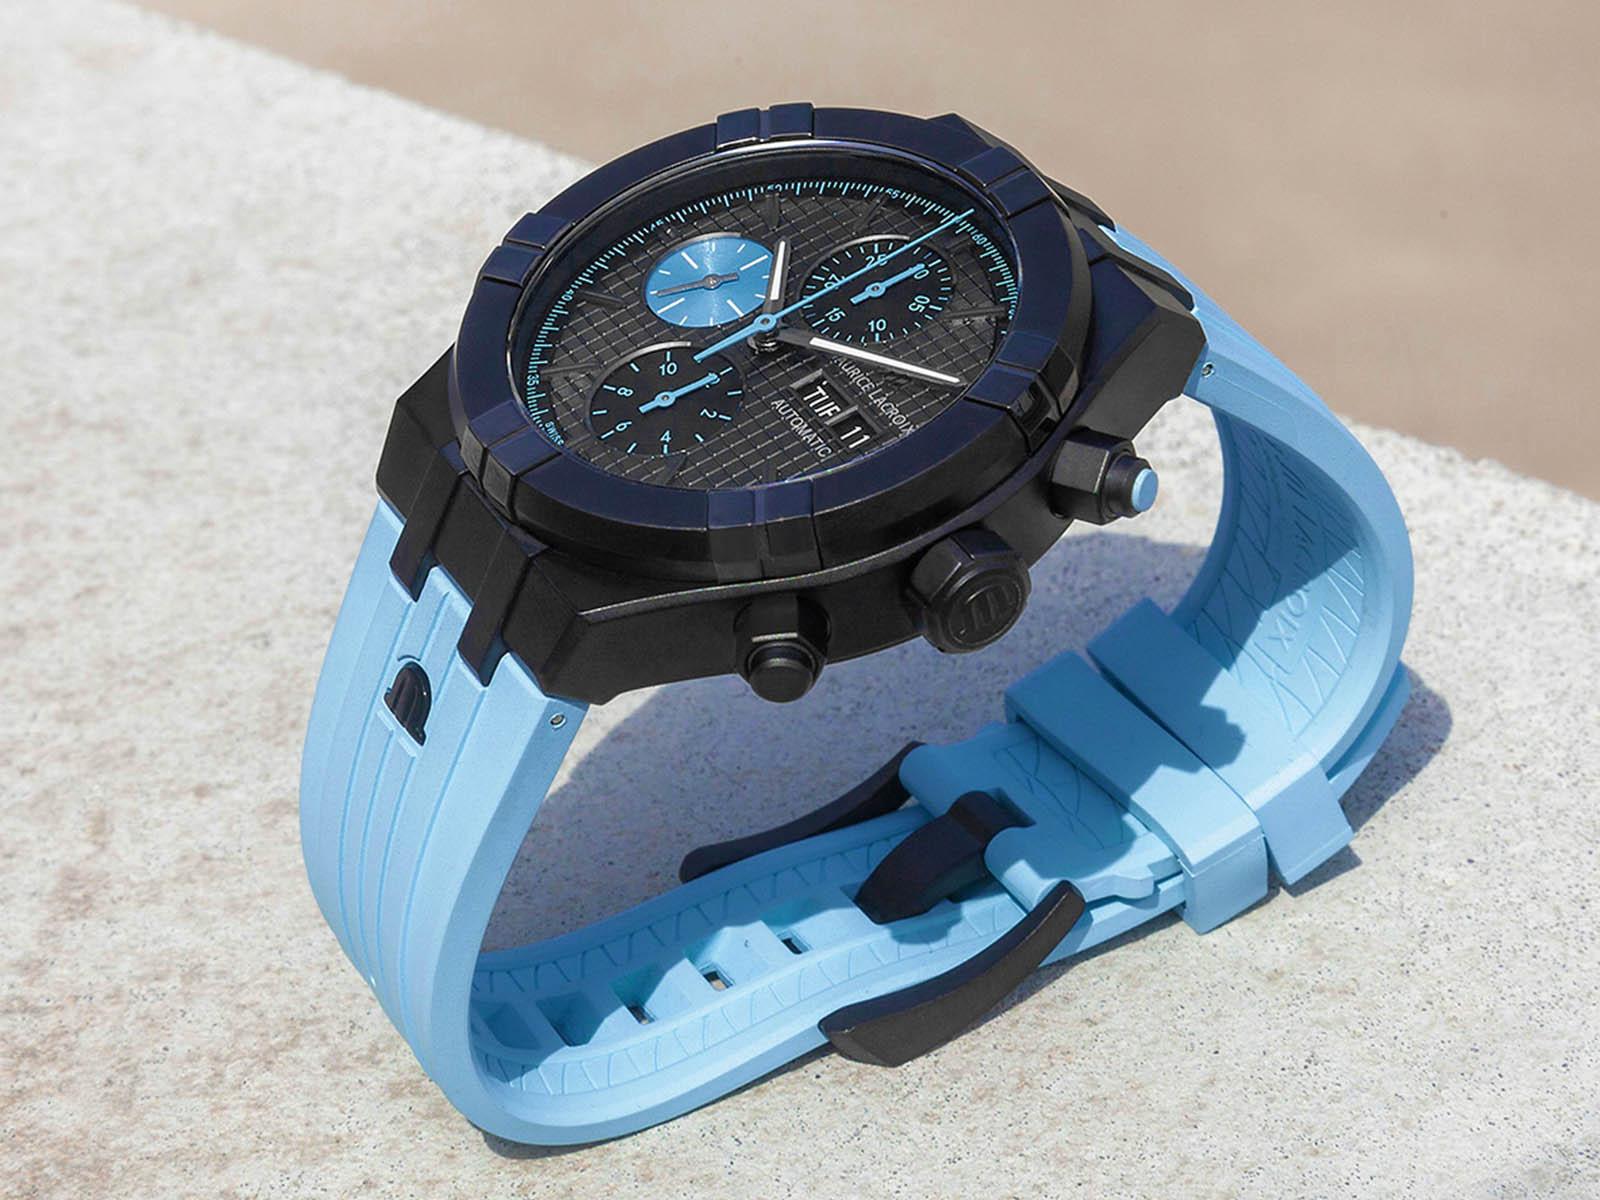 ai6038-dlb01-330-4-maurice-lacroix-aikon-automatic-chronograph-sprint-3.jpg